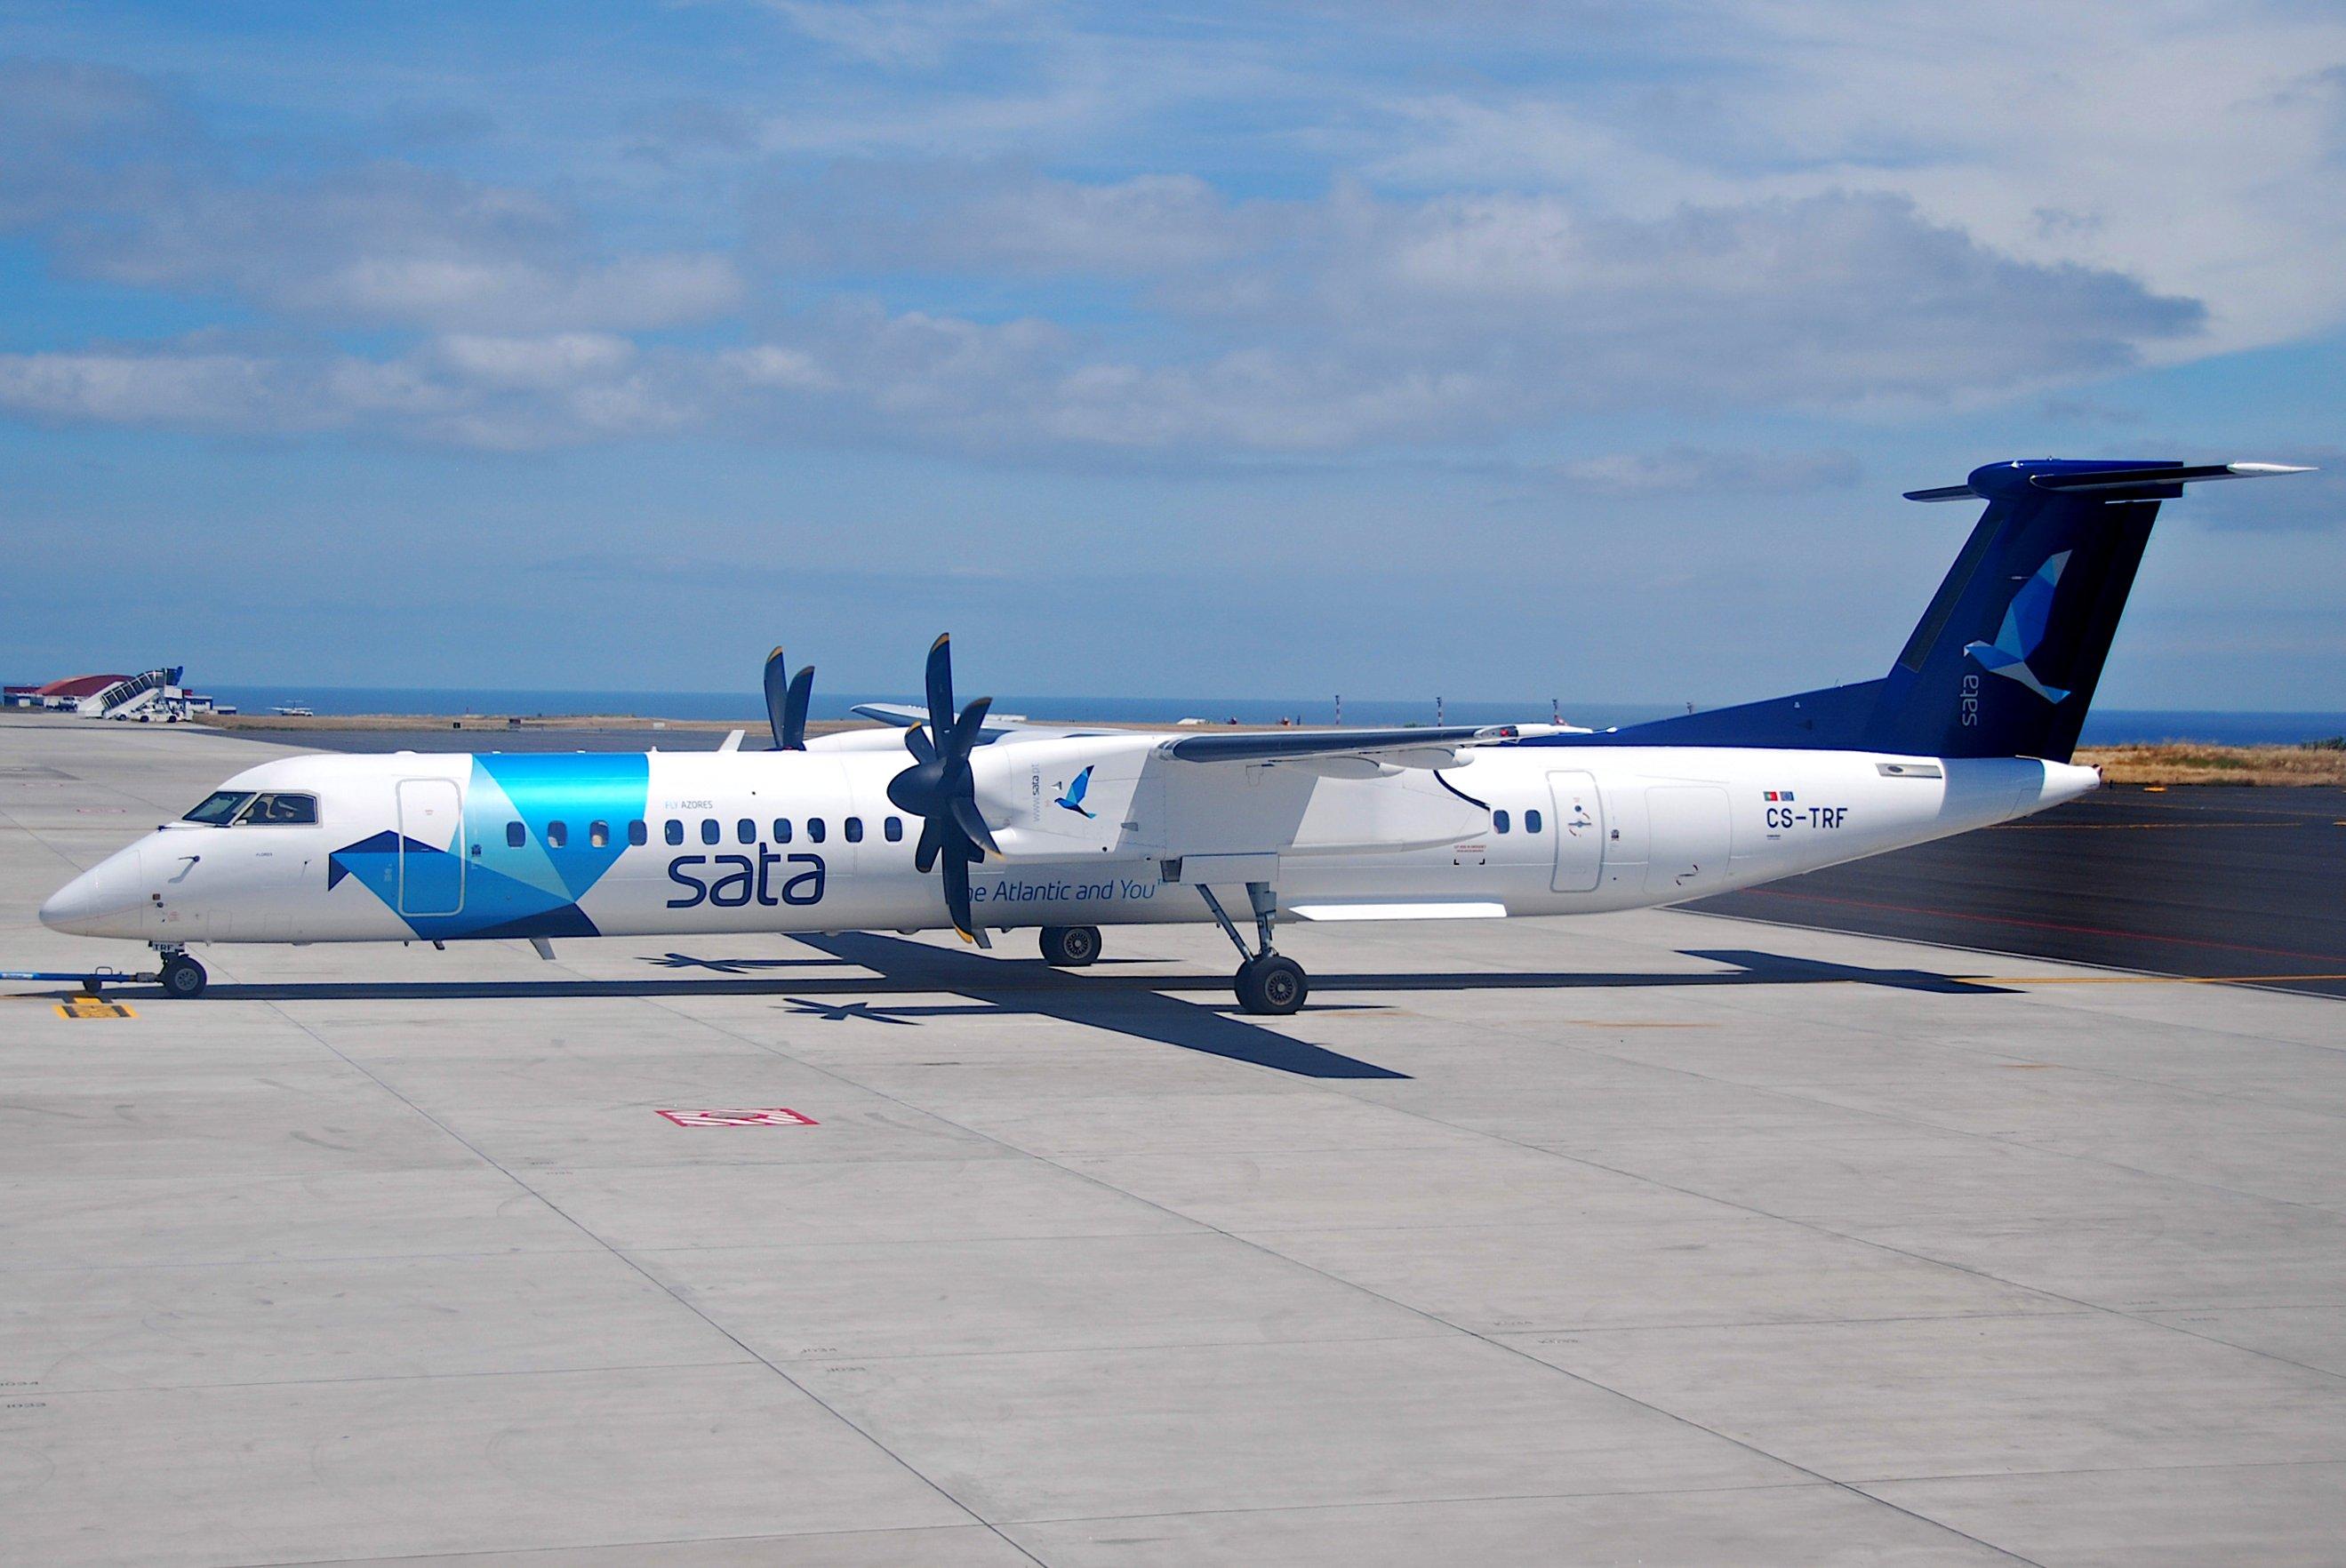 File:SATA Air Açores DHC-8-400 Dash 8